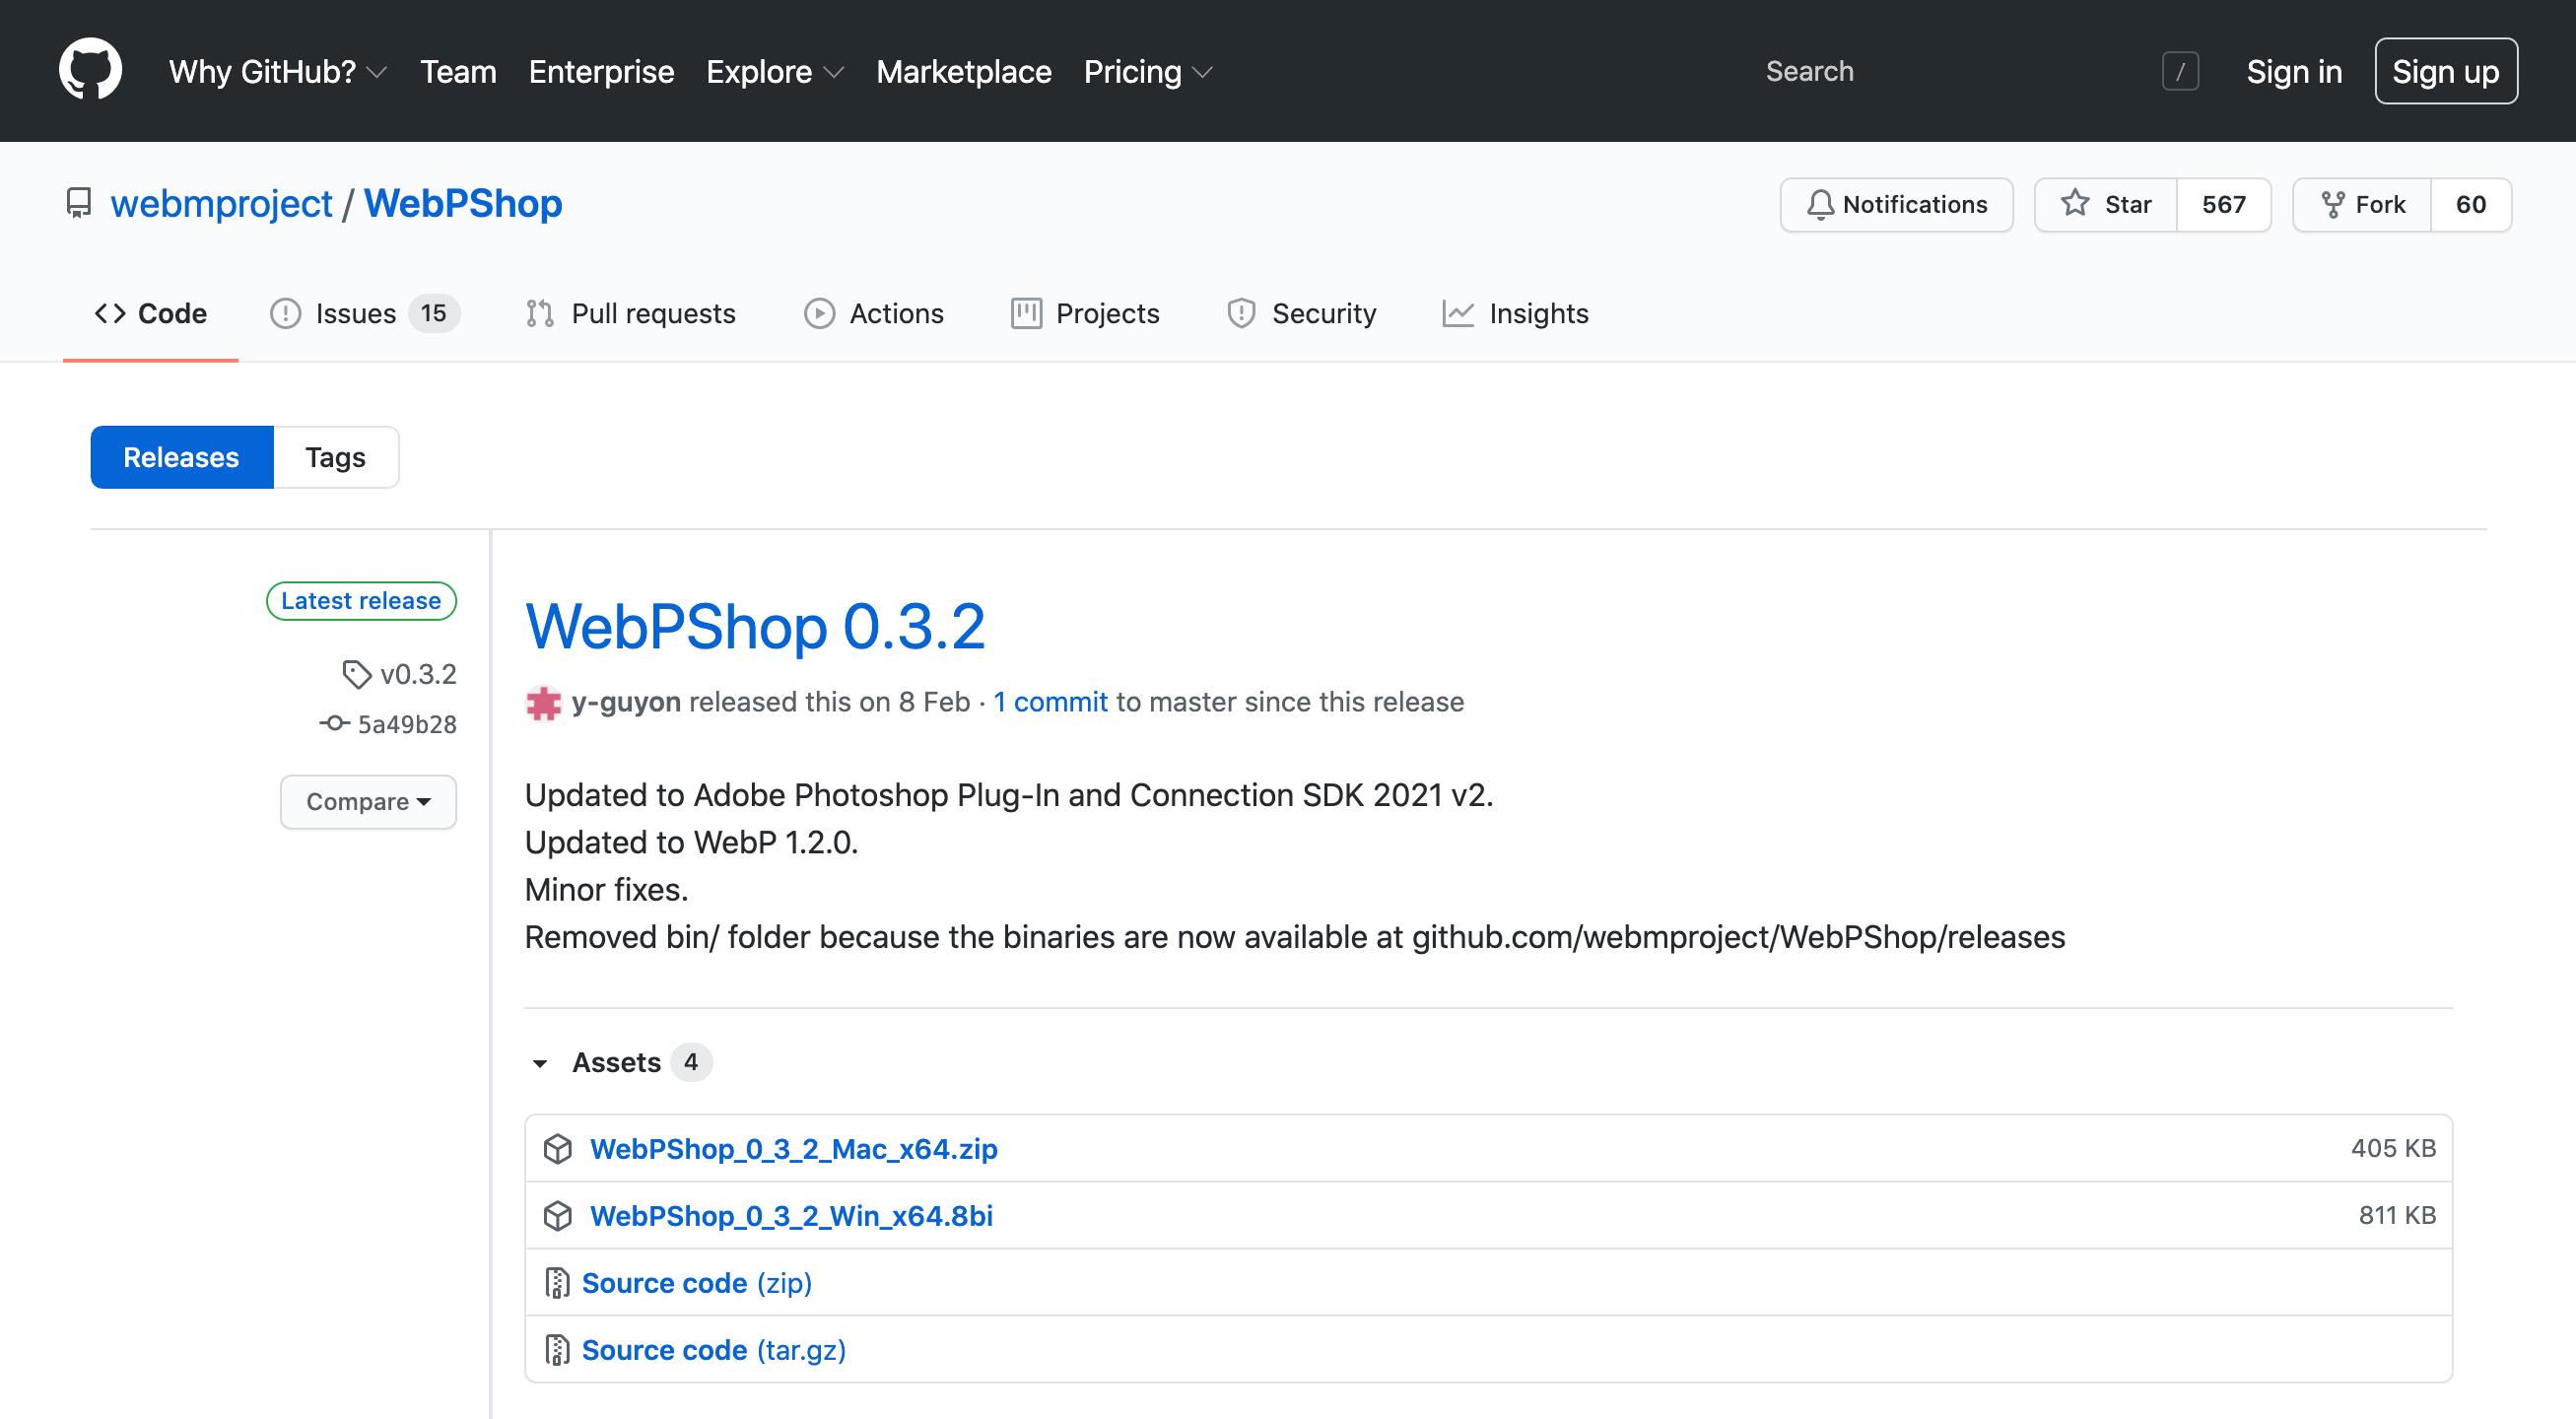 WebPShopのGitHubページスクリーンショット